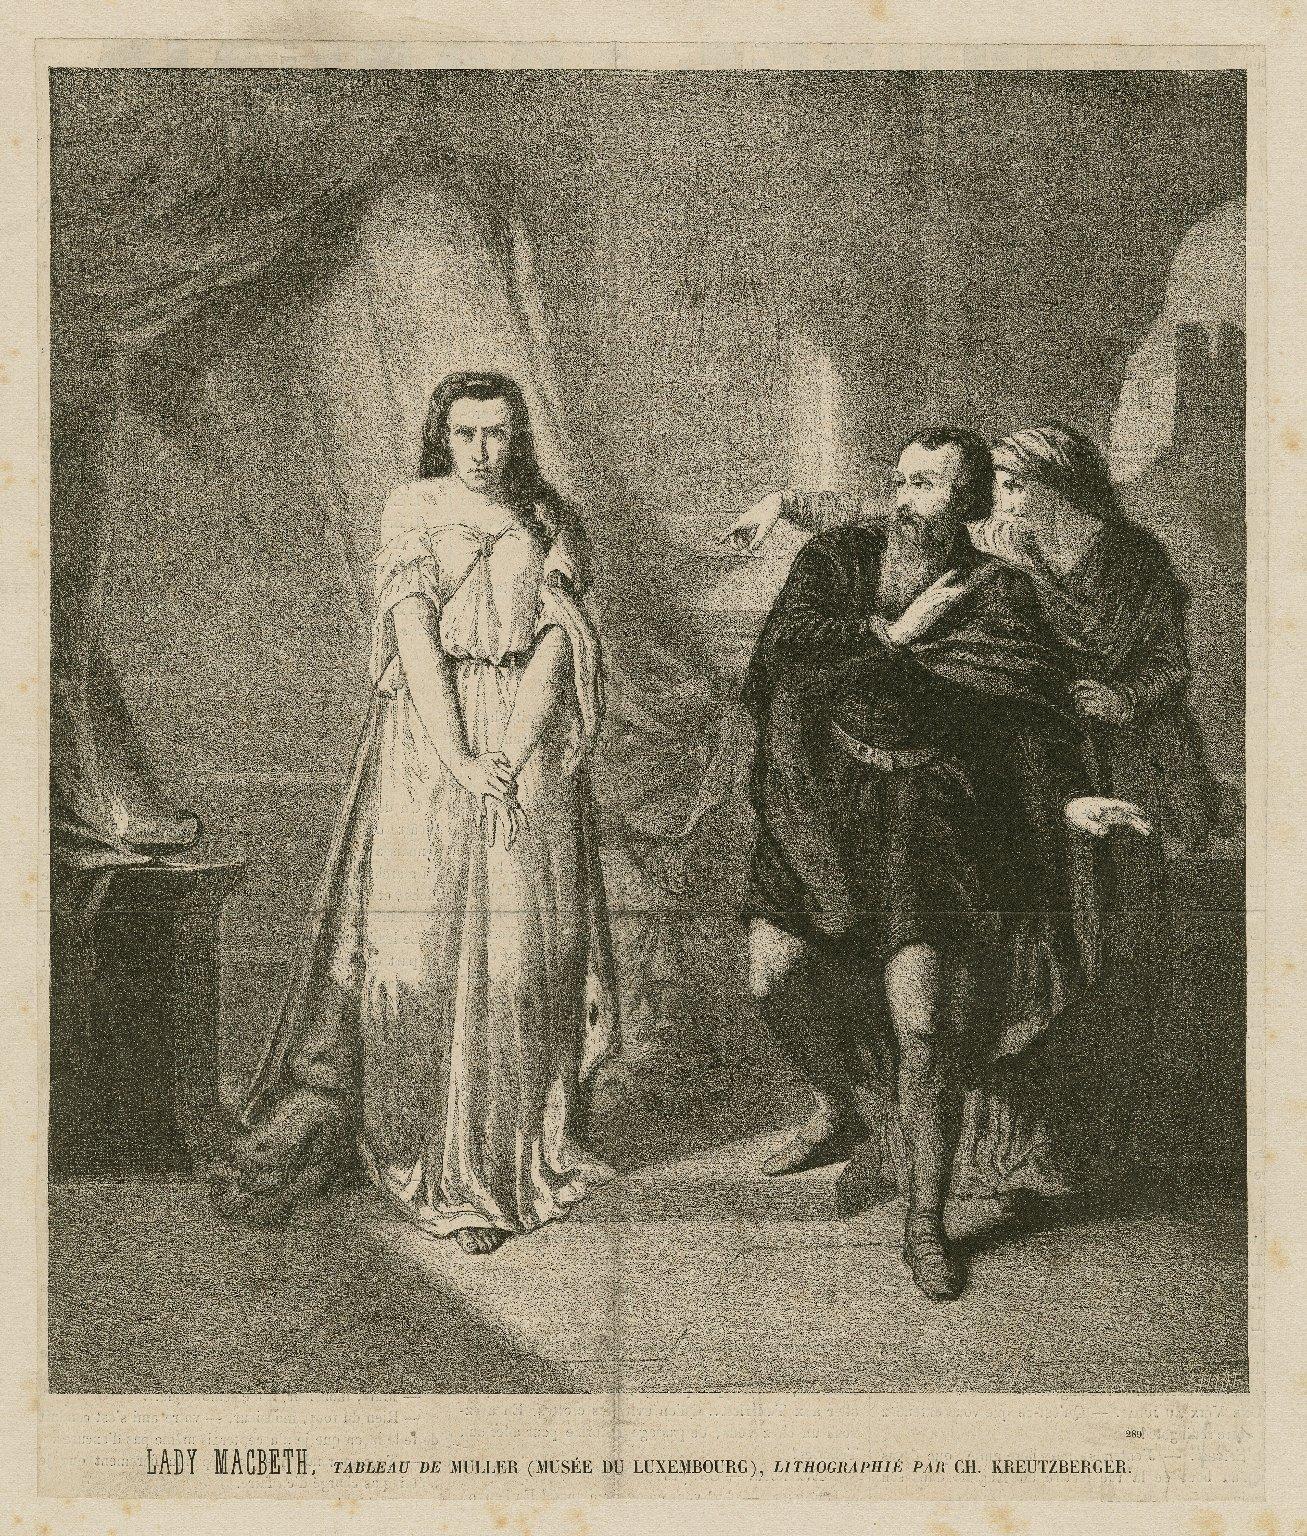 Lady Macbeth, tableau de Muller (Musée du Luxembourg) ... [Macbeth, act V, sc.1] [graphic] / Gillot ; Lithographié par Ch. Kreutzberger.